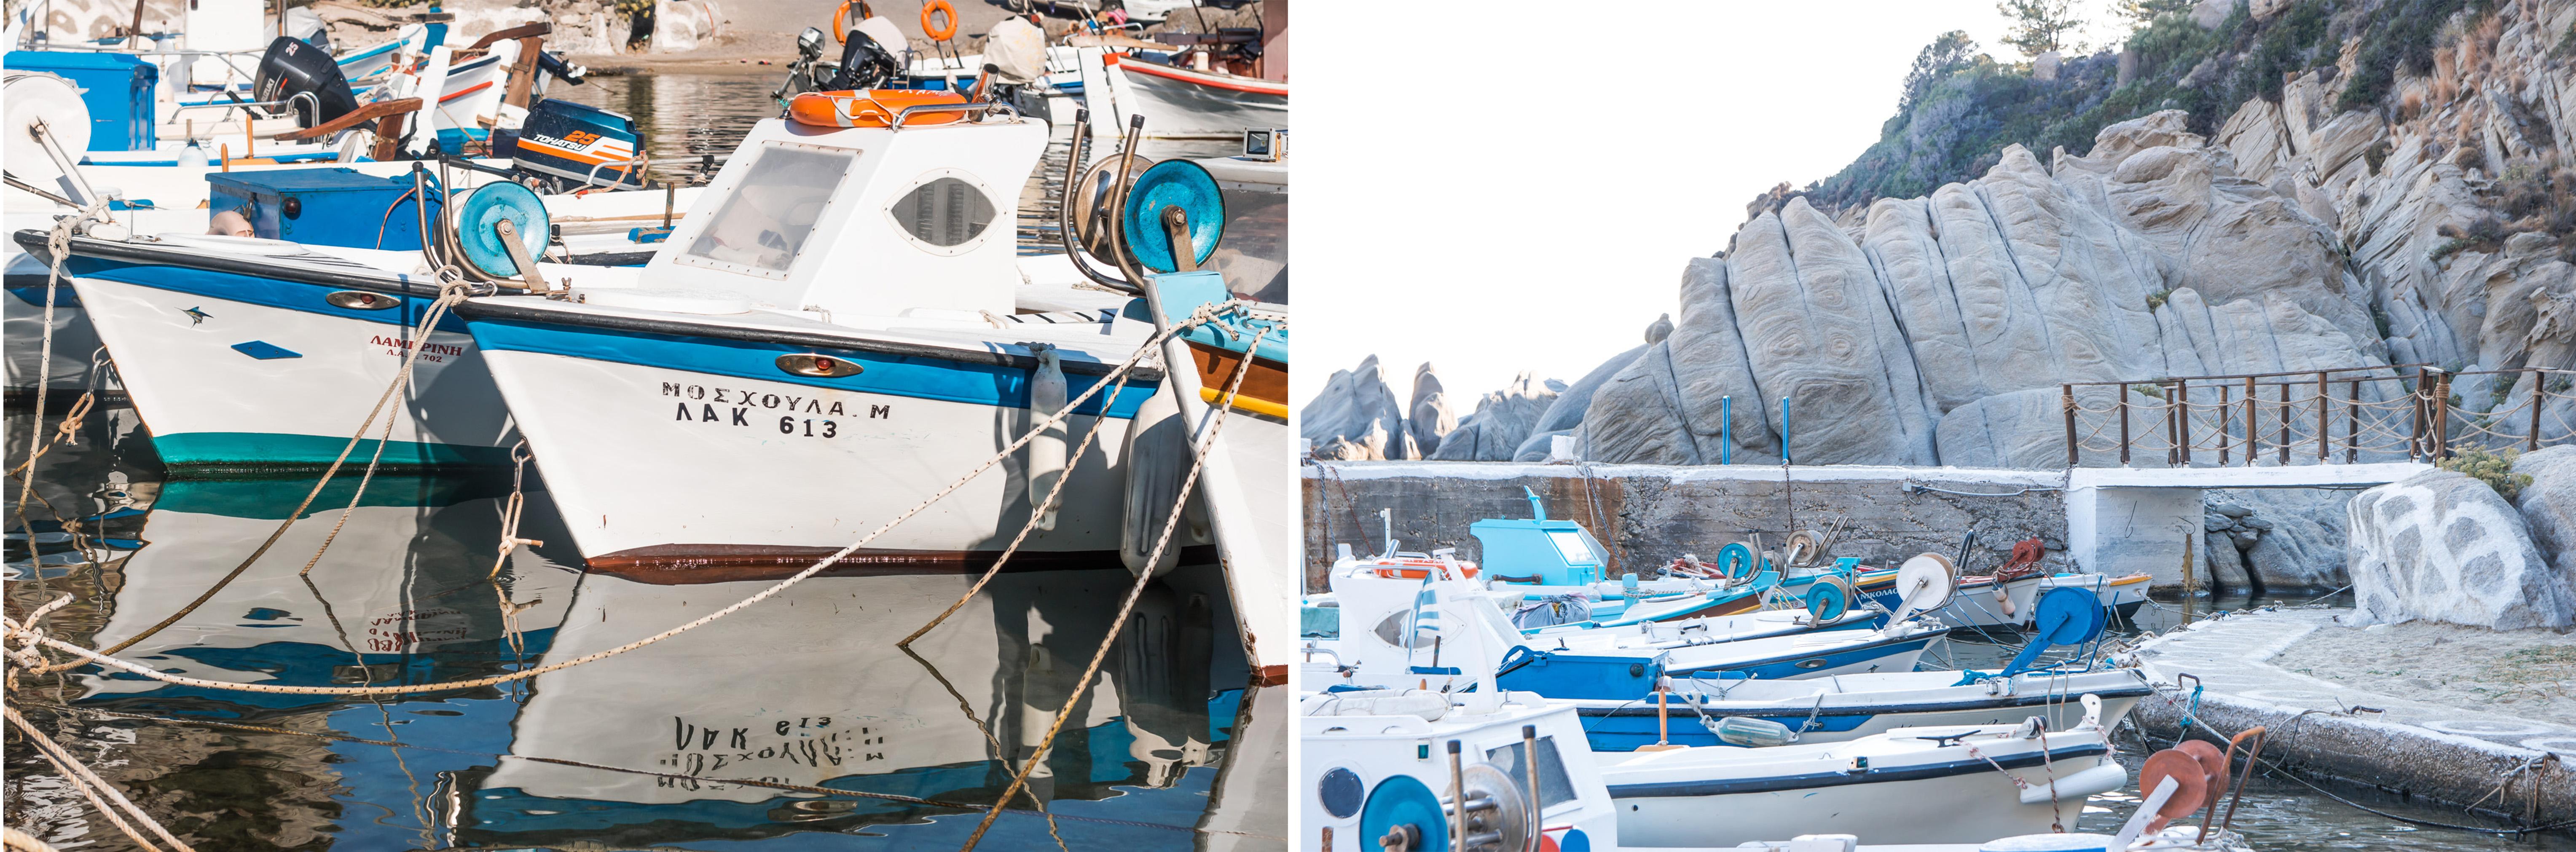 Magganitis Port - ein kleiner Hafen - besonders schöne Fischerboote, Taverne (Geheimtipp) und Felsen